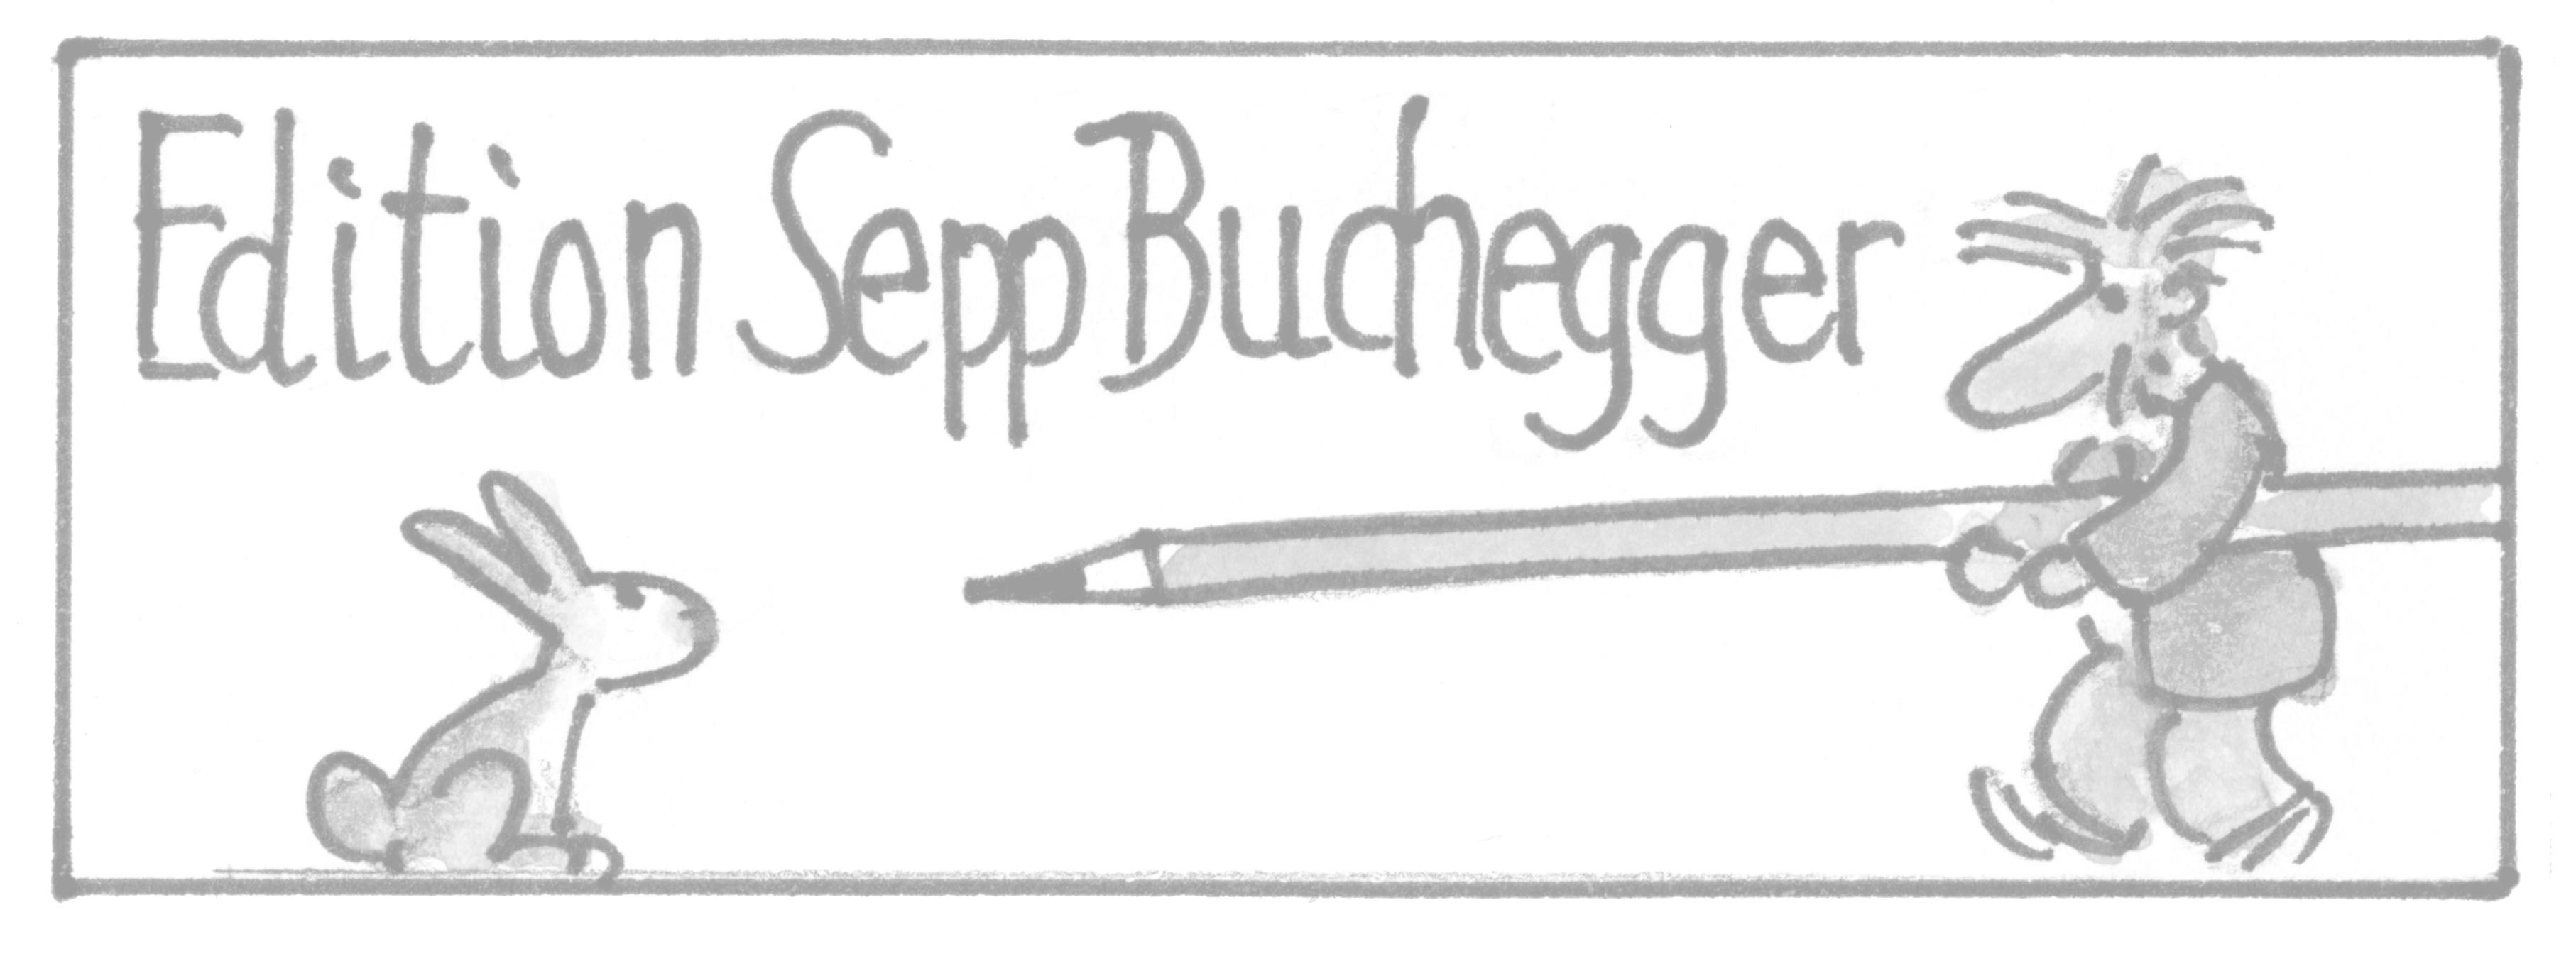 Edition Sepp Buchegger